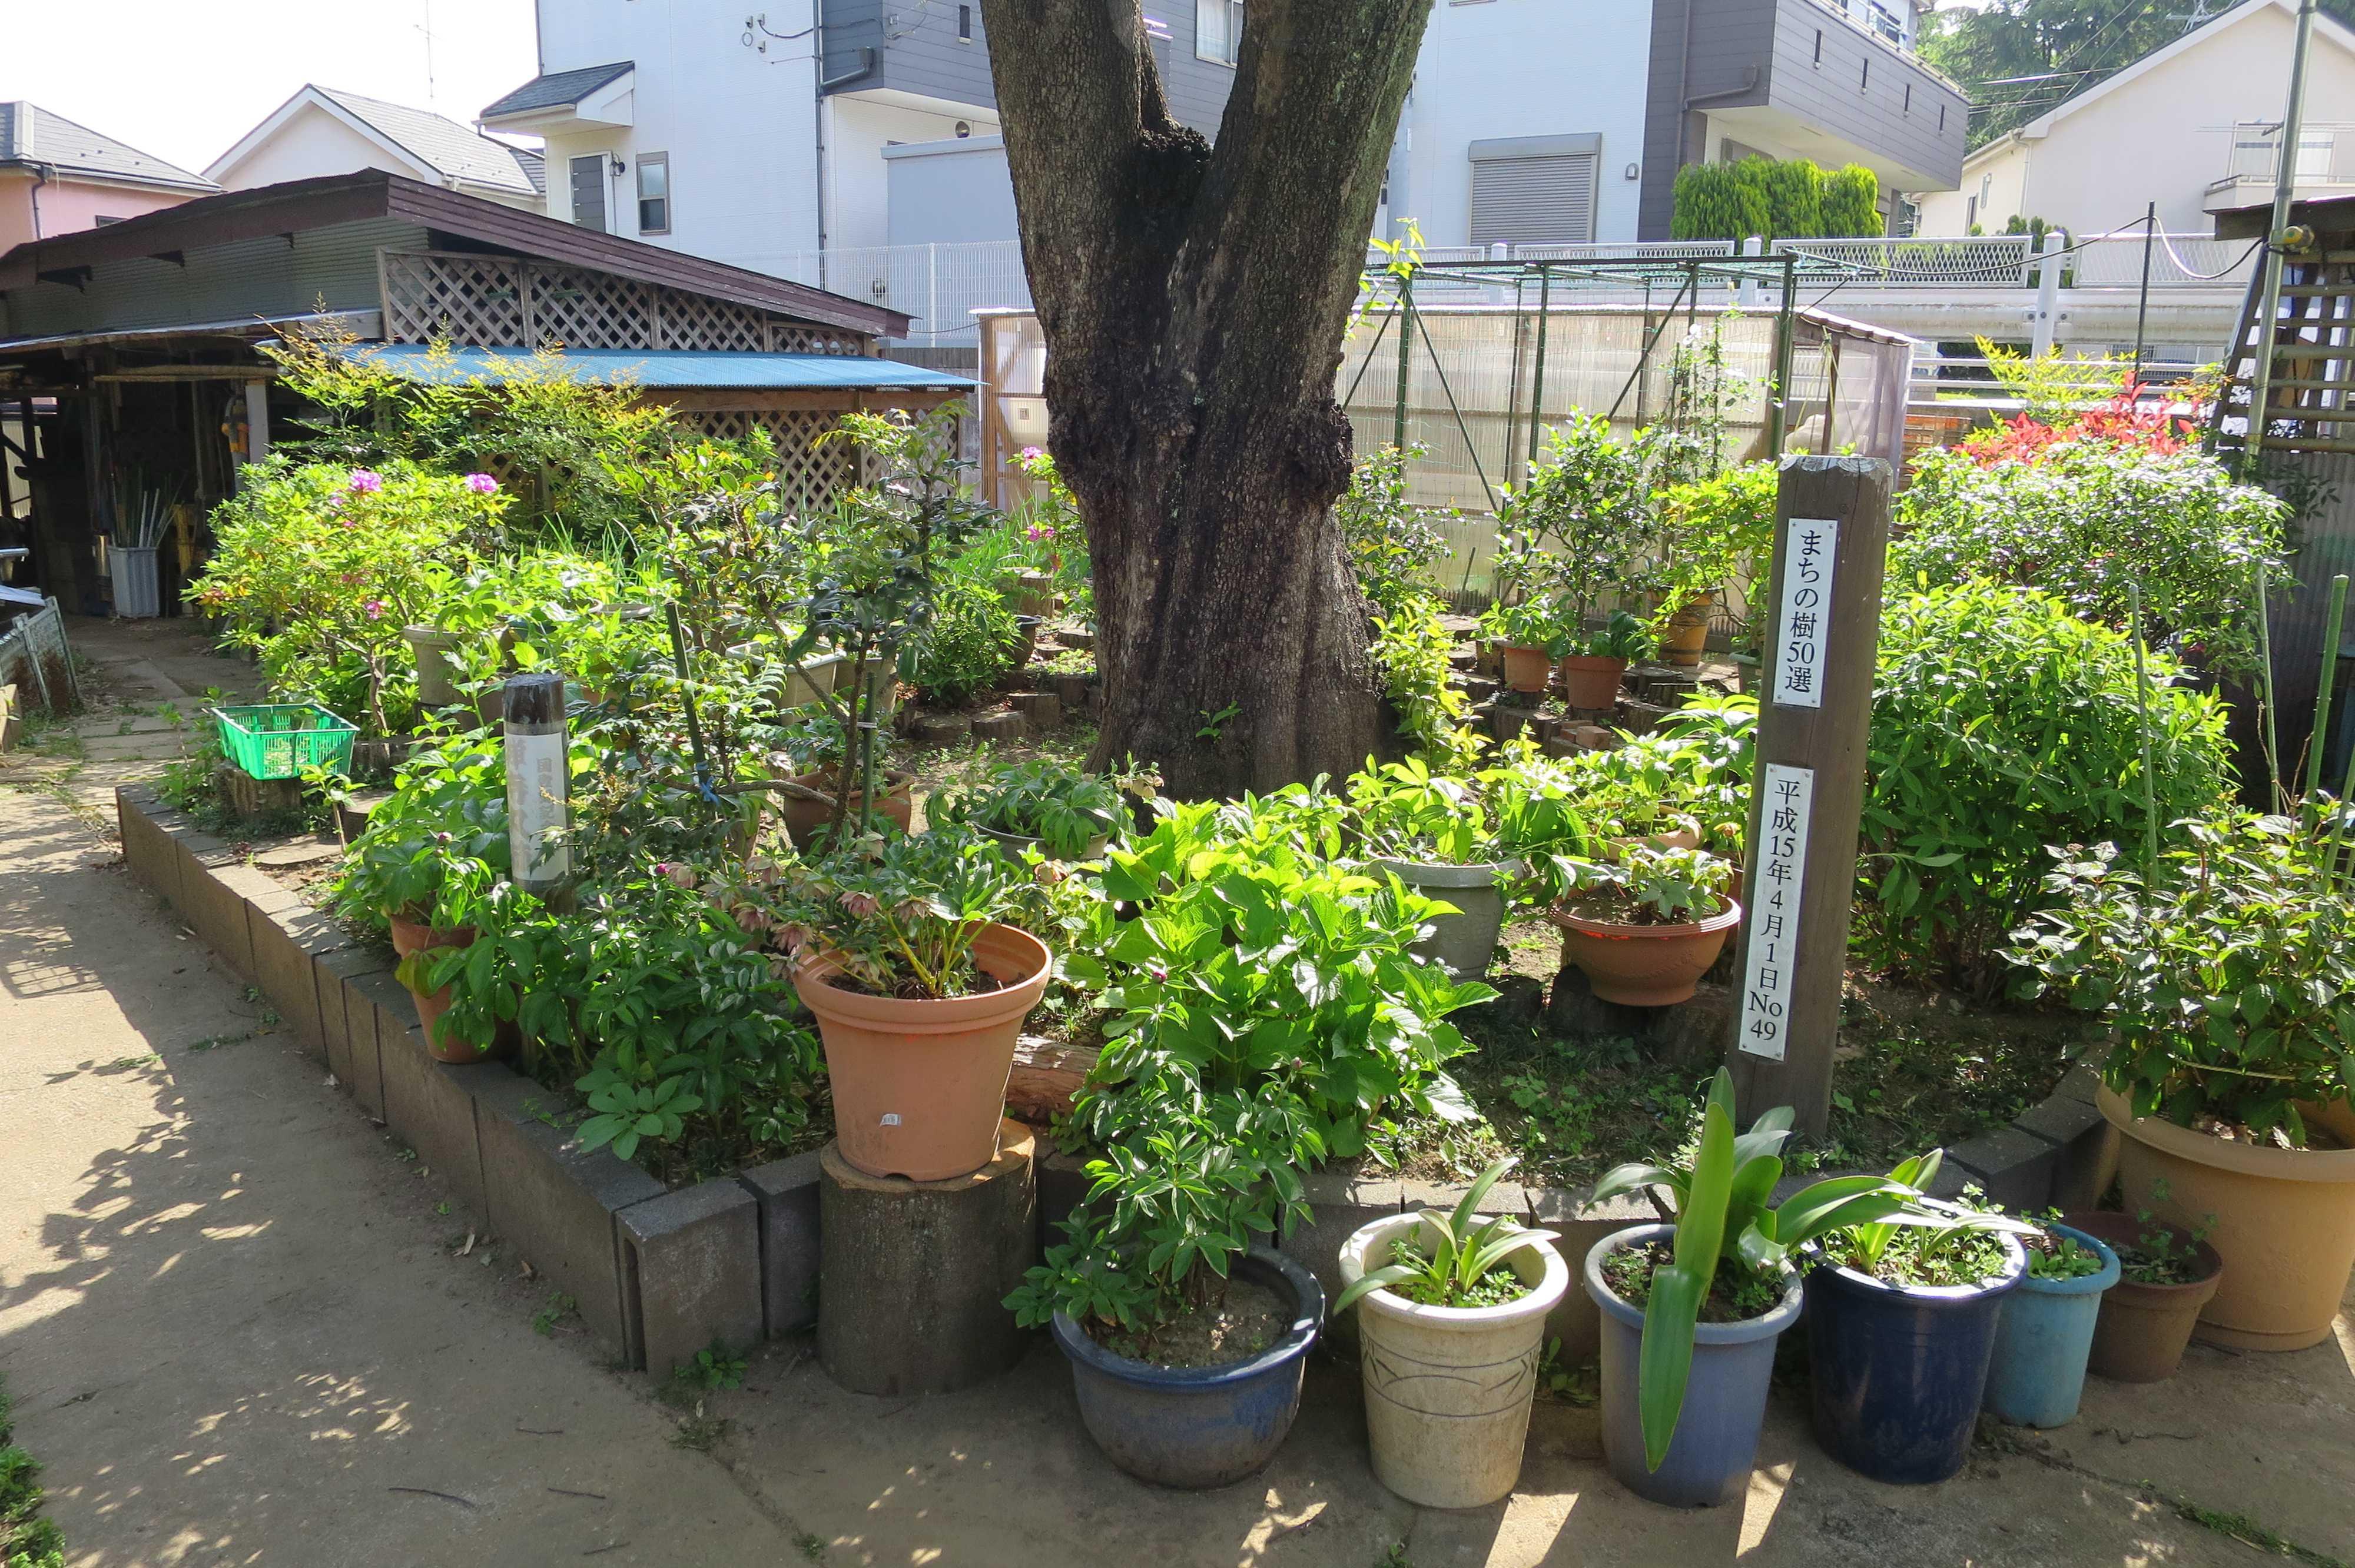 岡上の禅寺丸柿の木の根元